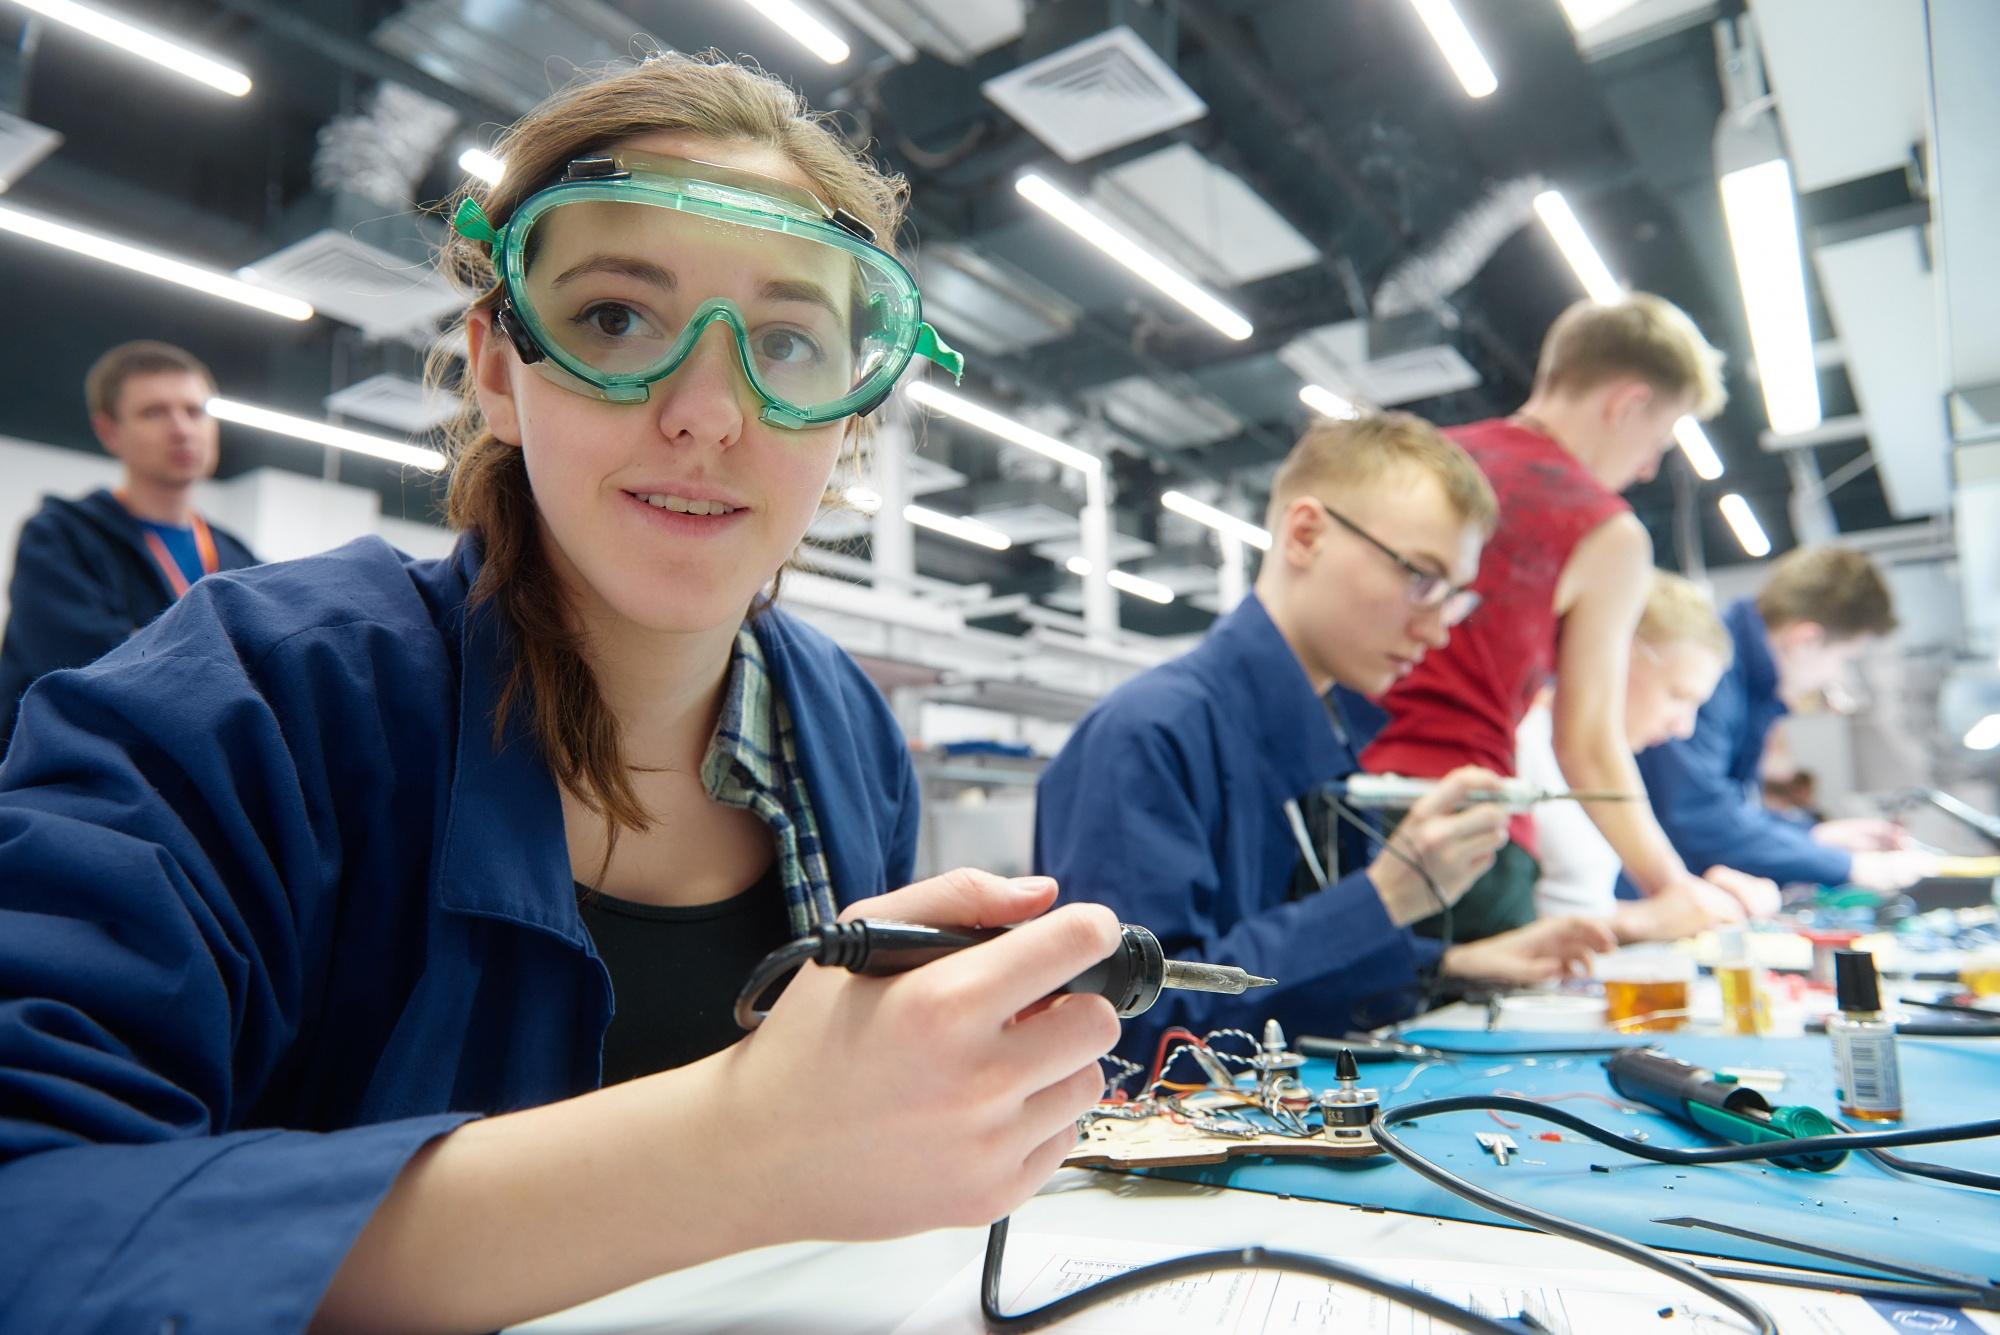 На месте базирования школ и кванториумов школьников будут знакомить с высокотехнологичными системами